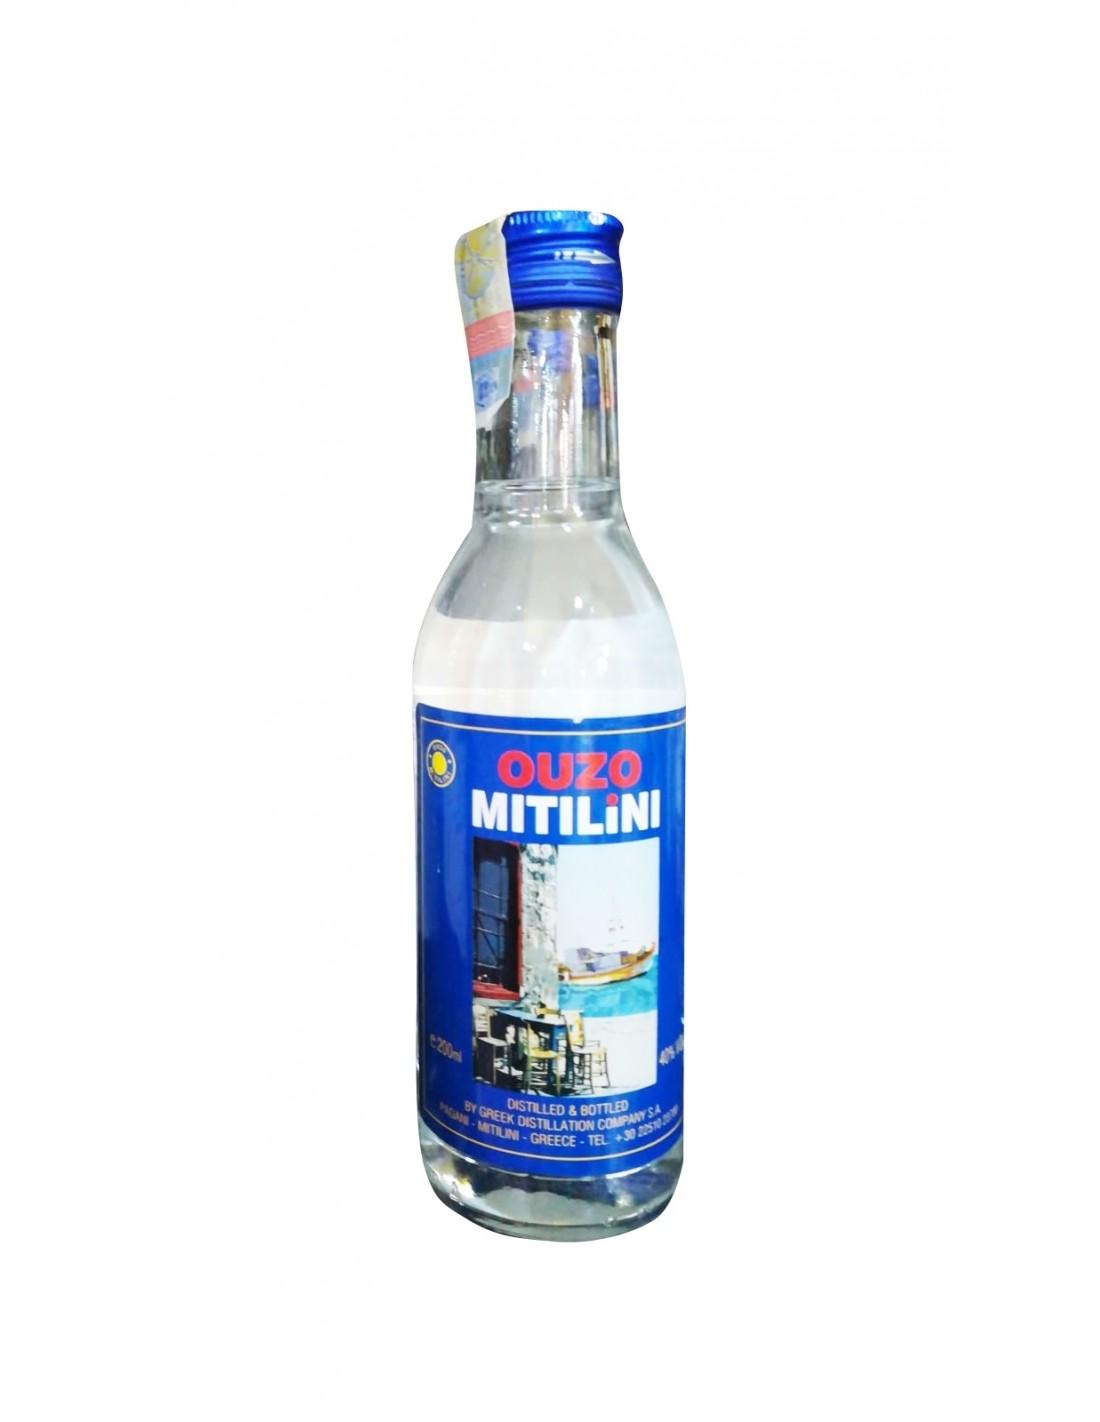 Bautura traditionala Ouzo Mitilini, 40% alc., 0.2L, Grecia